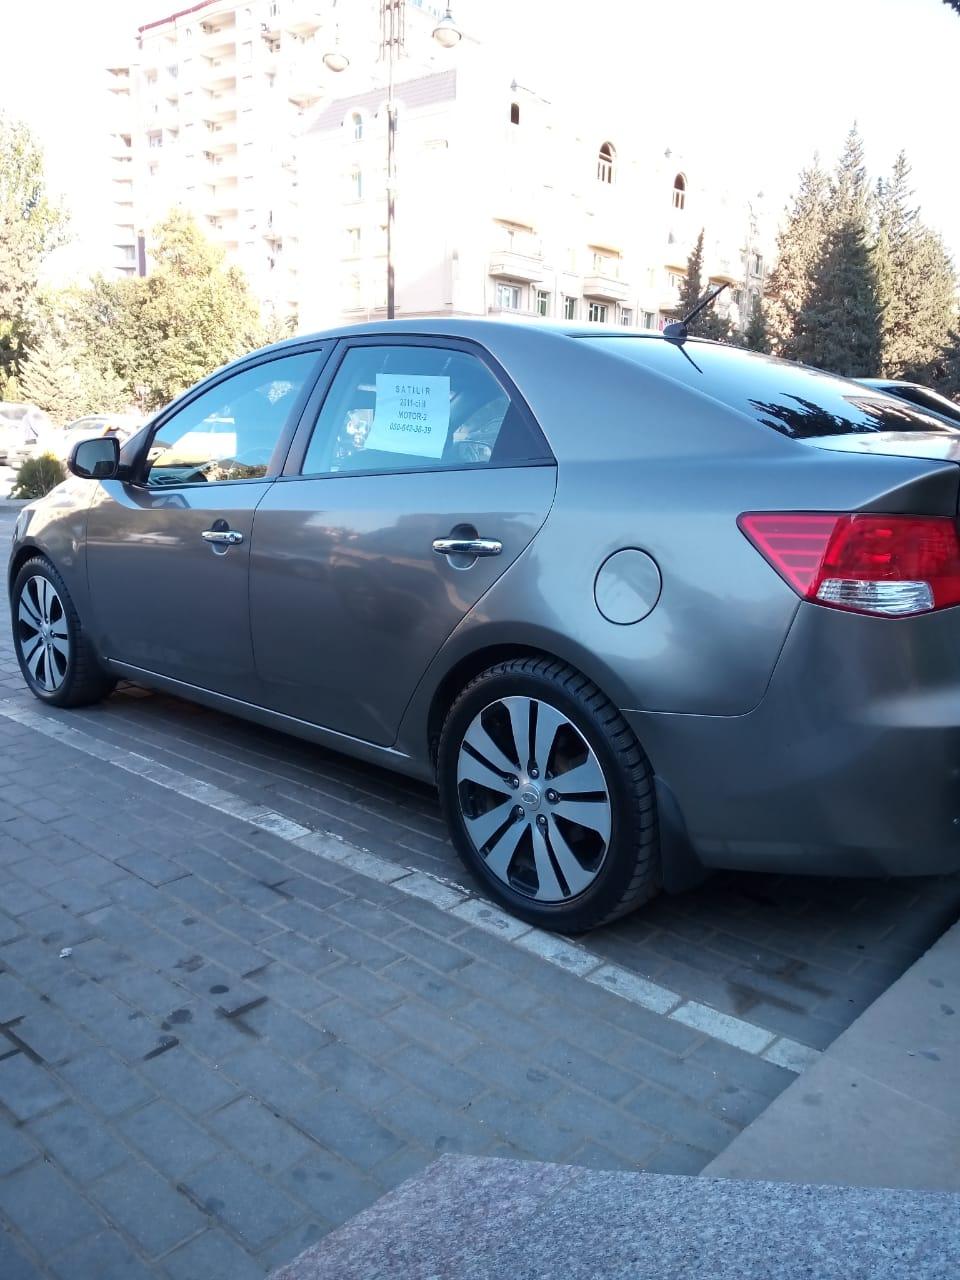 Kia Cerato 2.0(lt) 2011 Подержанный  $9500